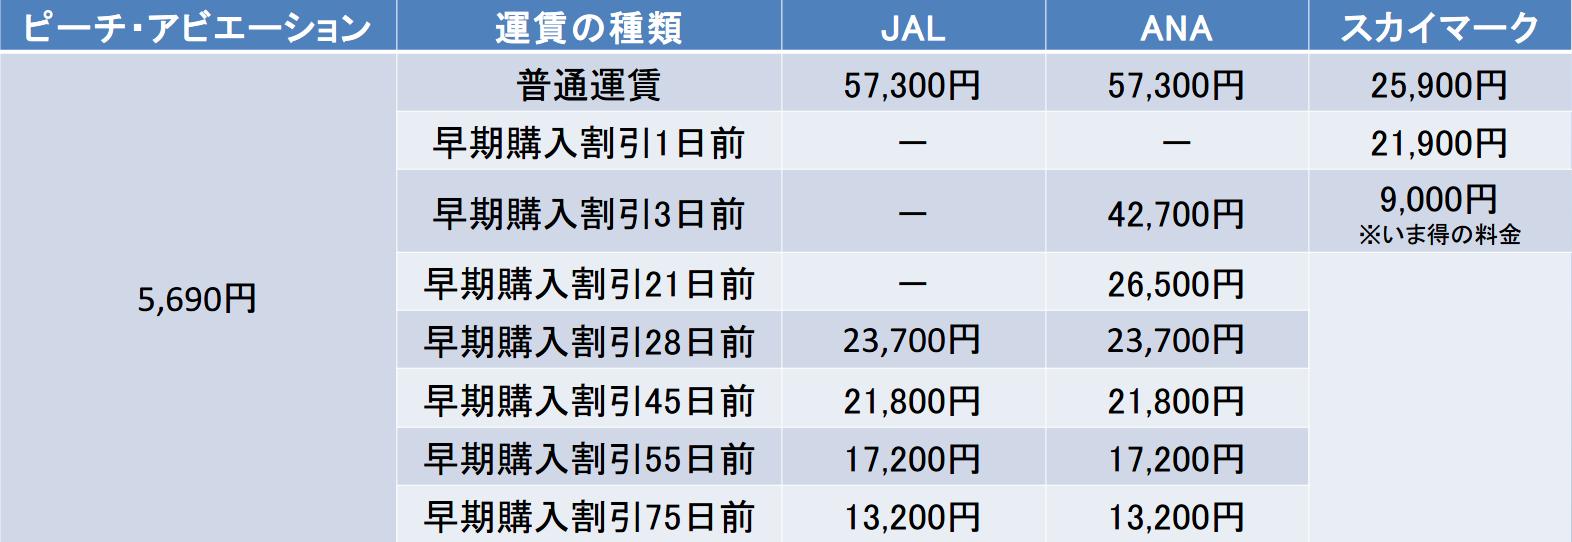 札幌-福岡の航空券の料金